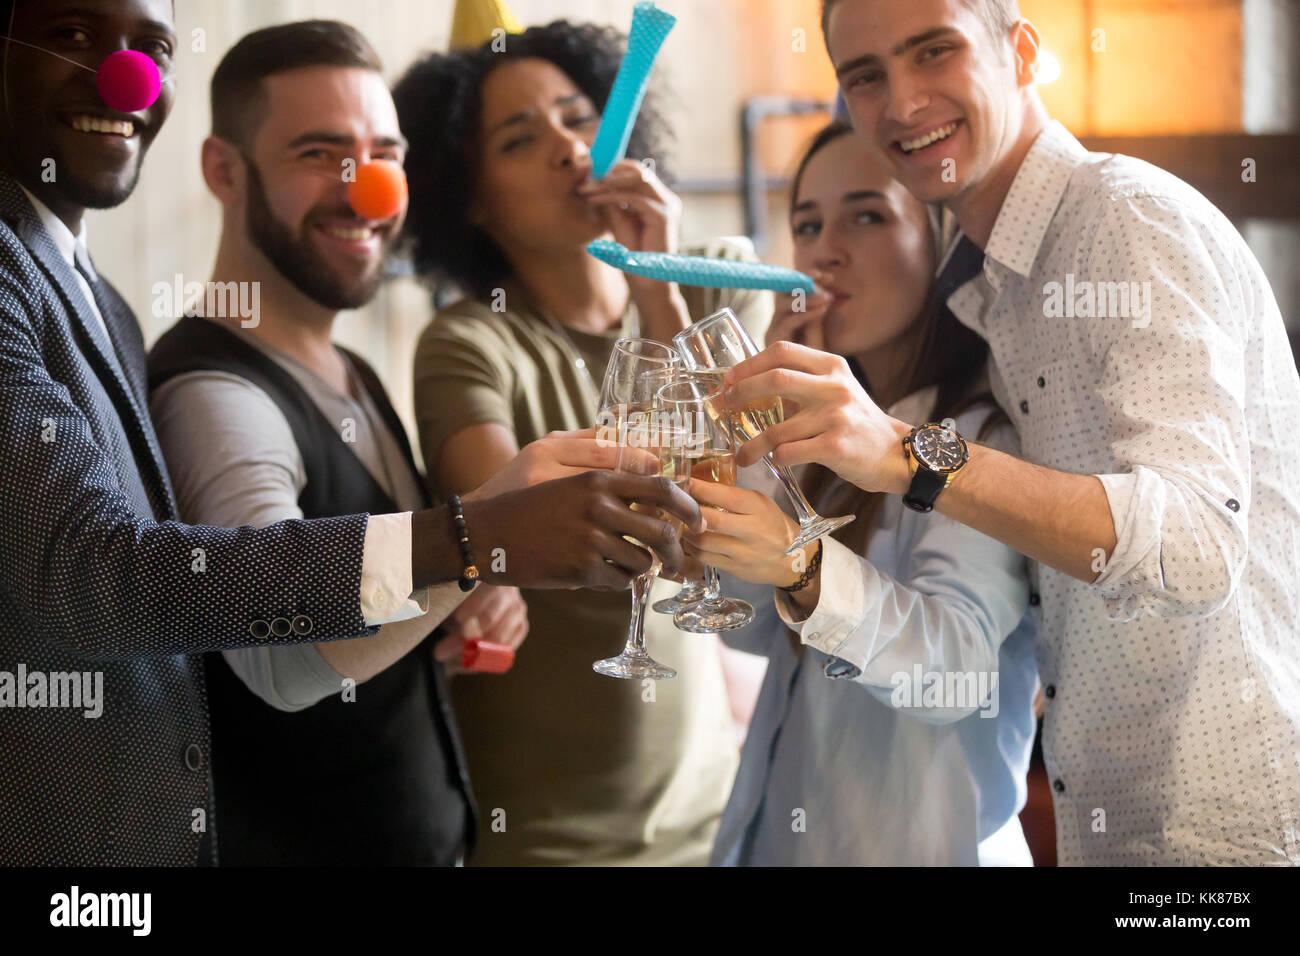 Les jeunes multiraciale clinking glasses soufflant des sifflets de célébrité Photo Stock